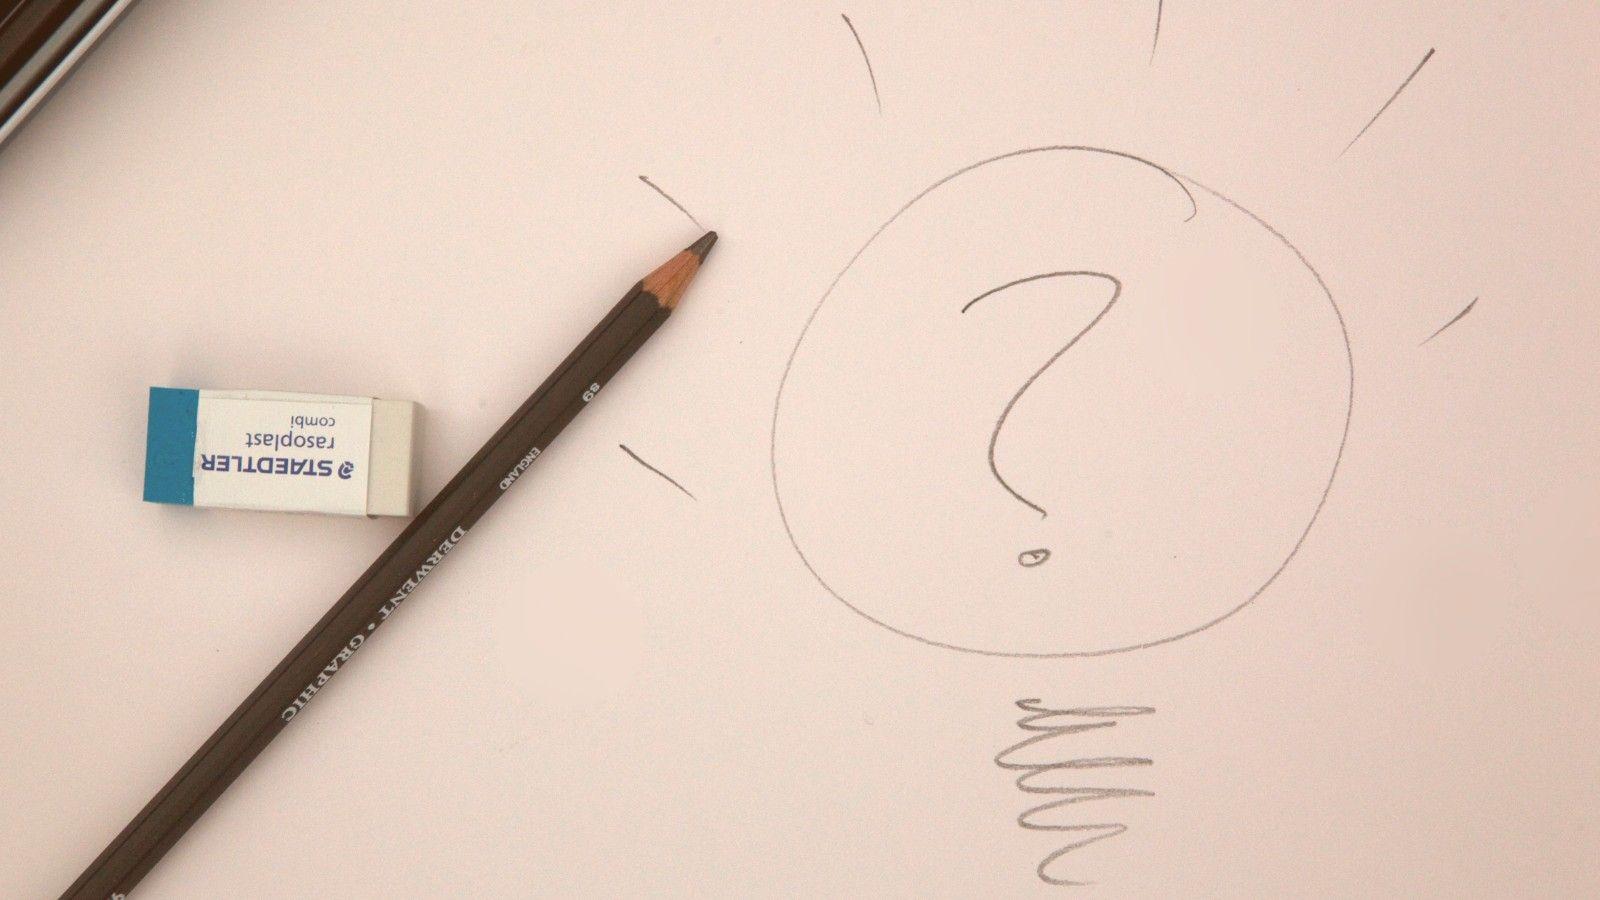 Impact of Flexible Working on Employee Performance